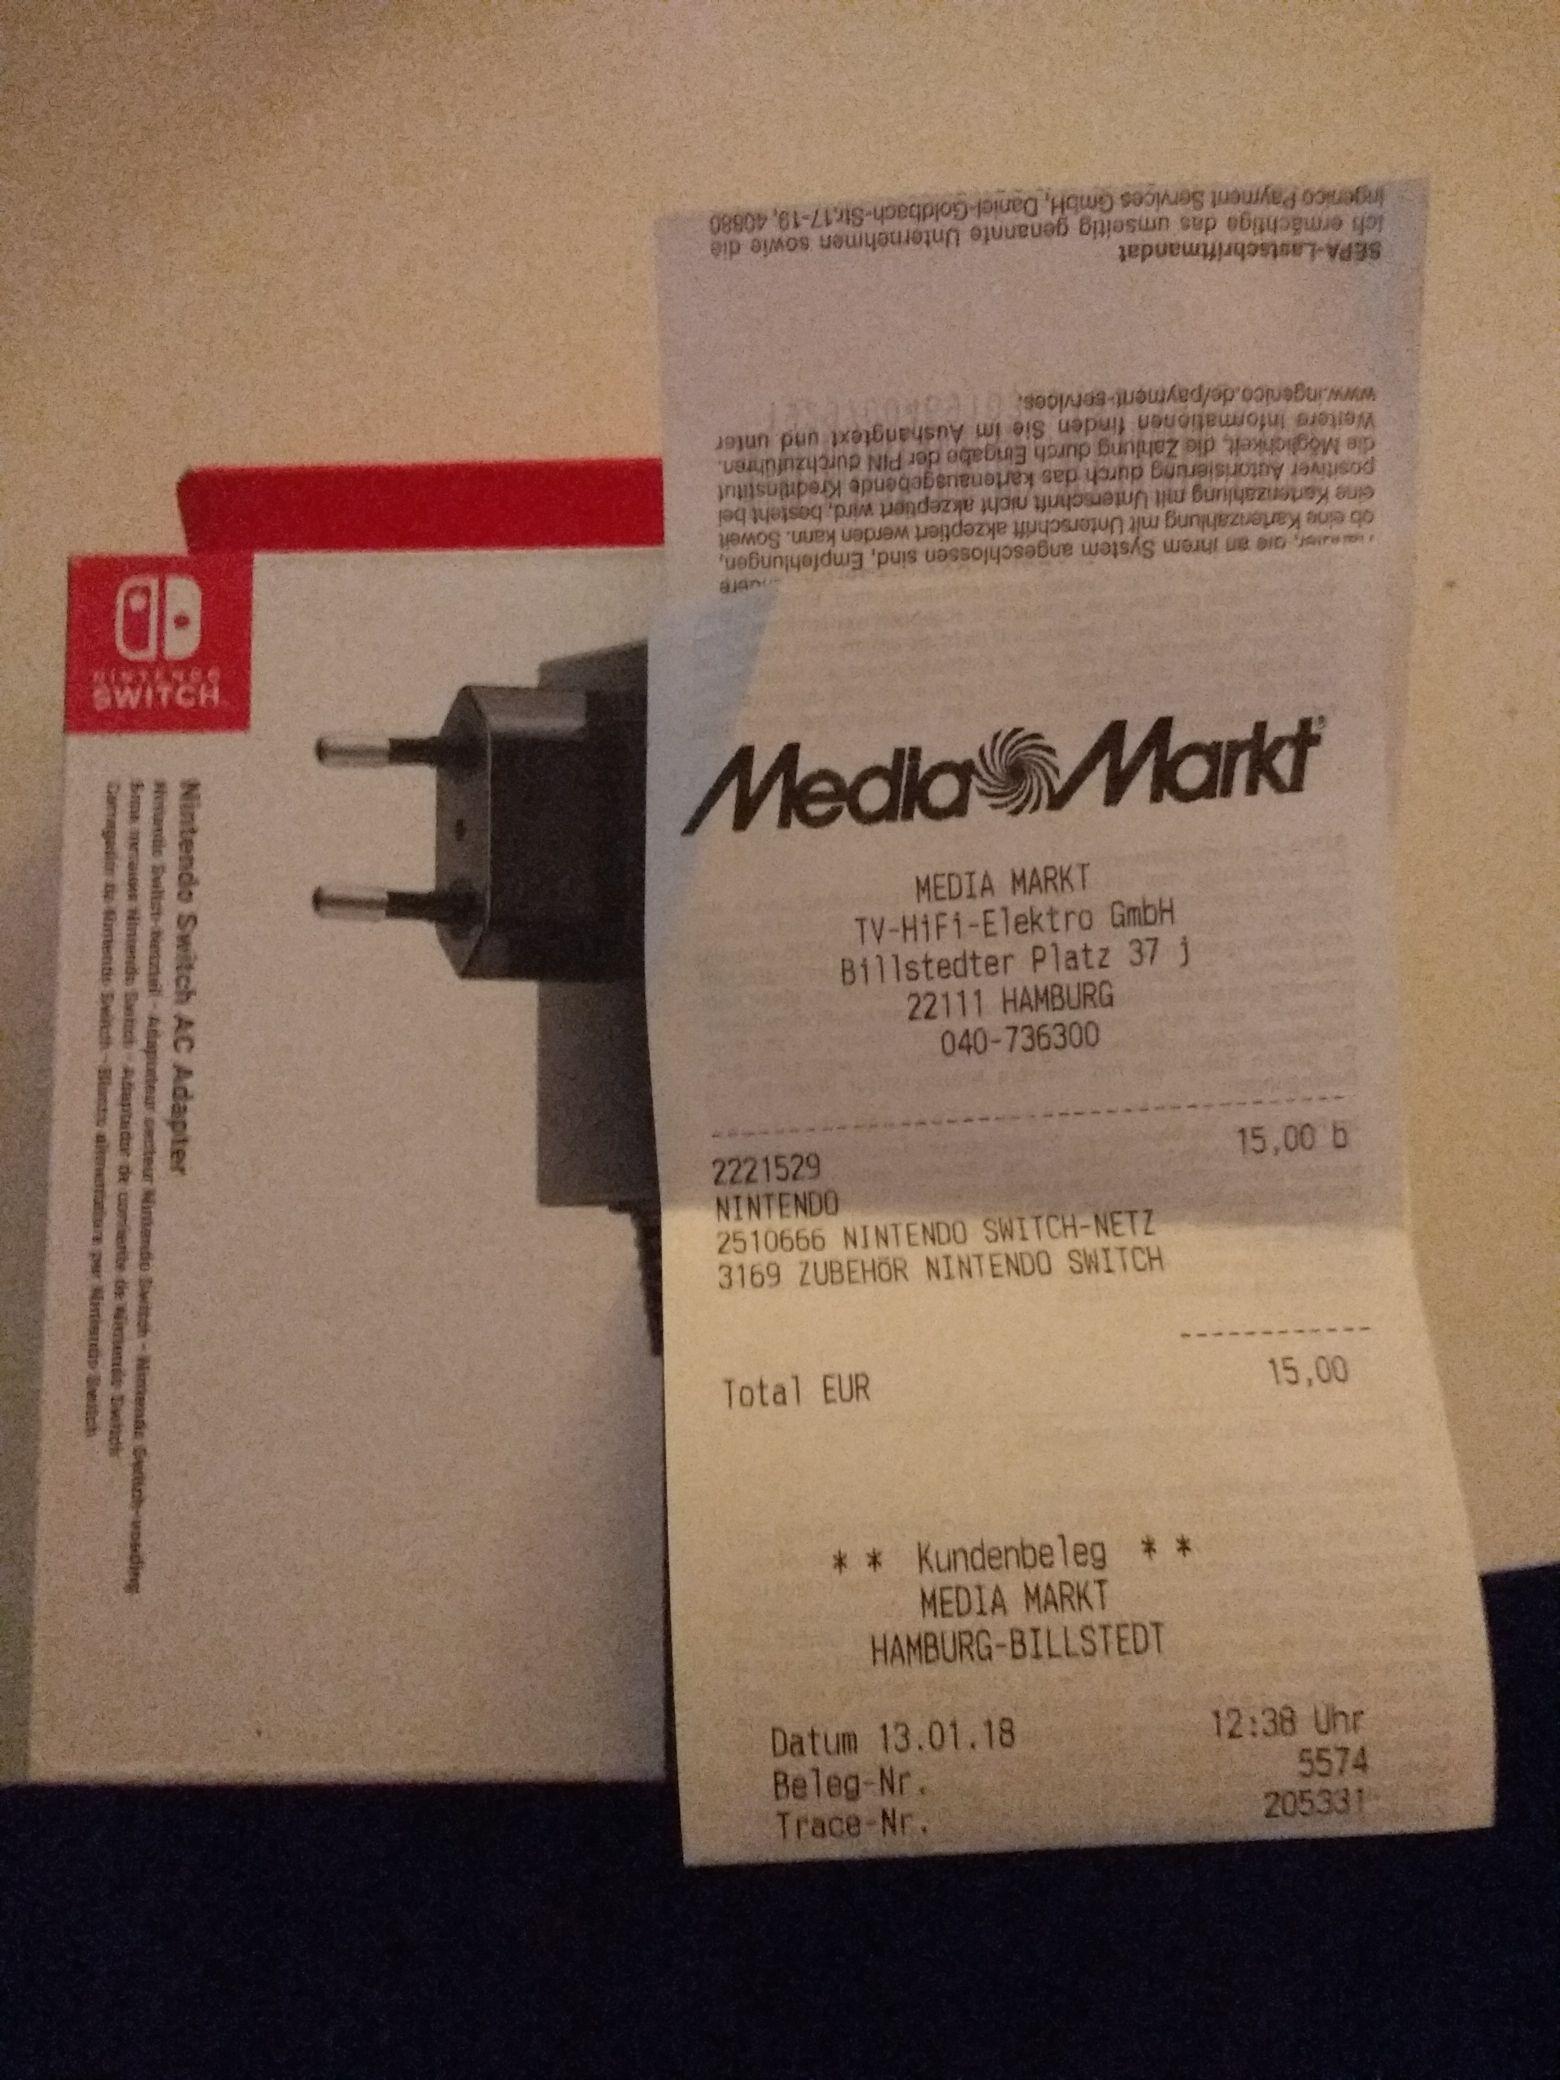 Original Nintendo Switch Netzteil evtl. Lokal